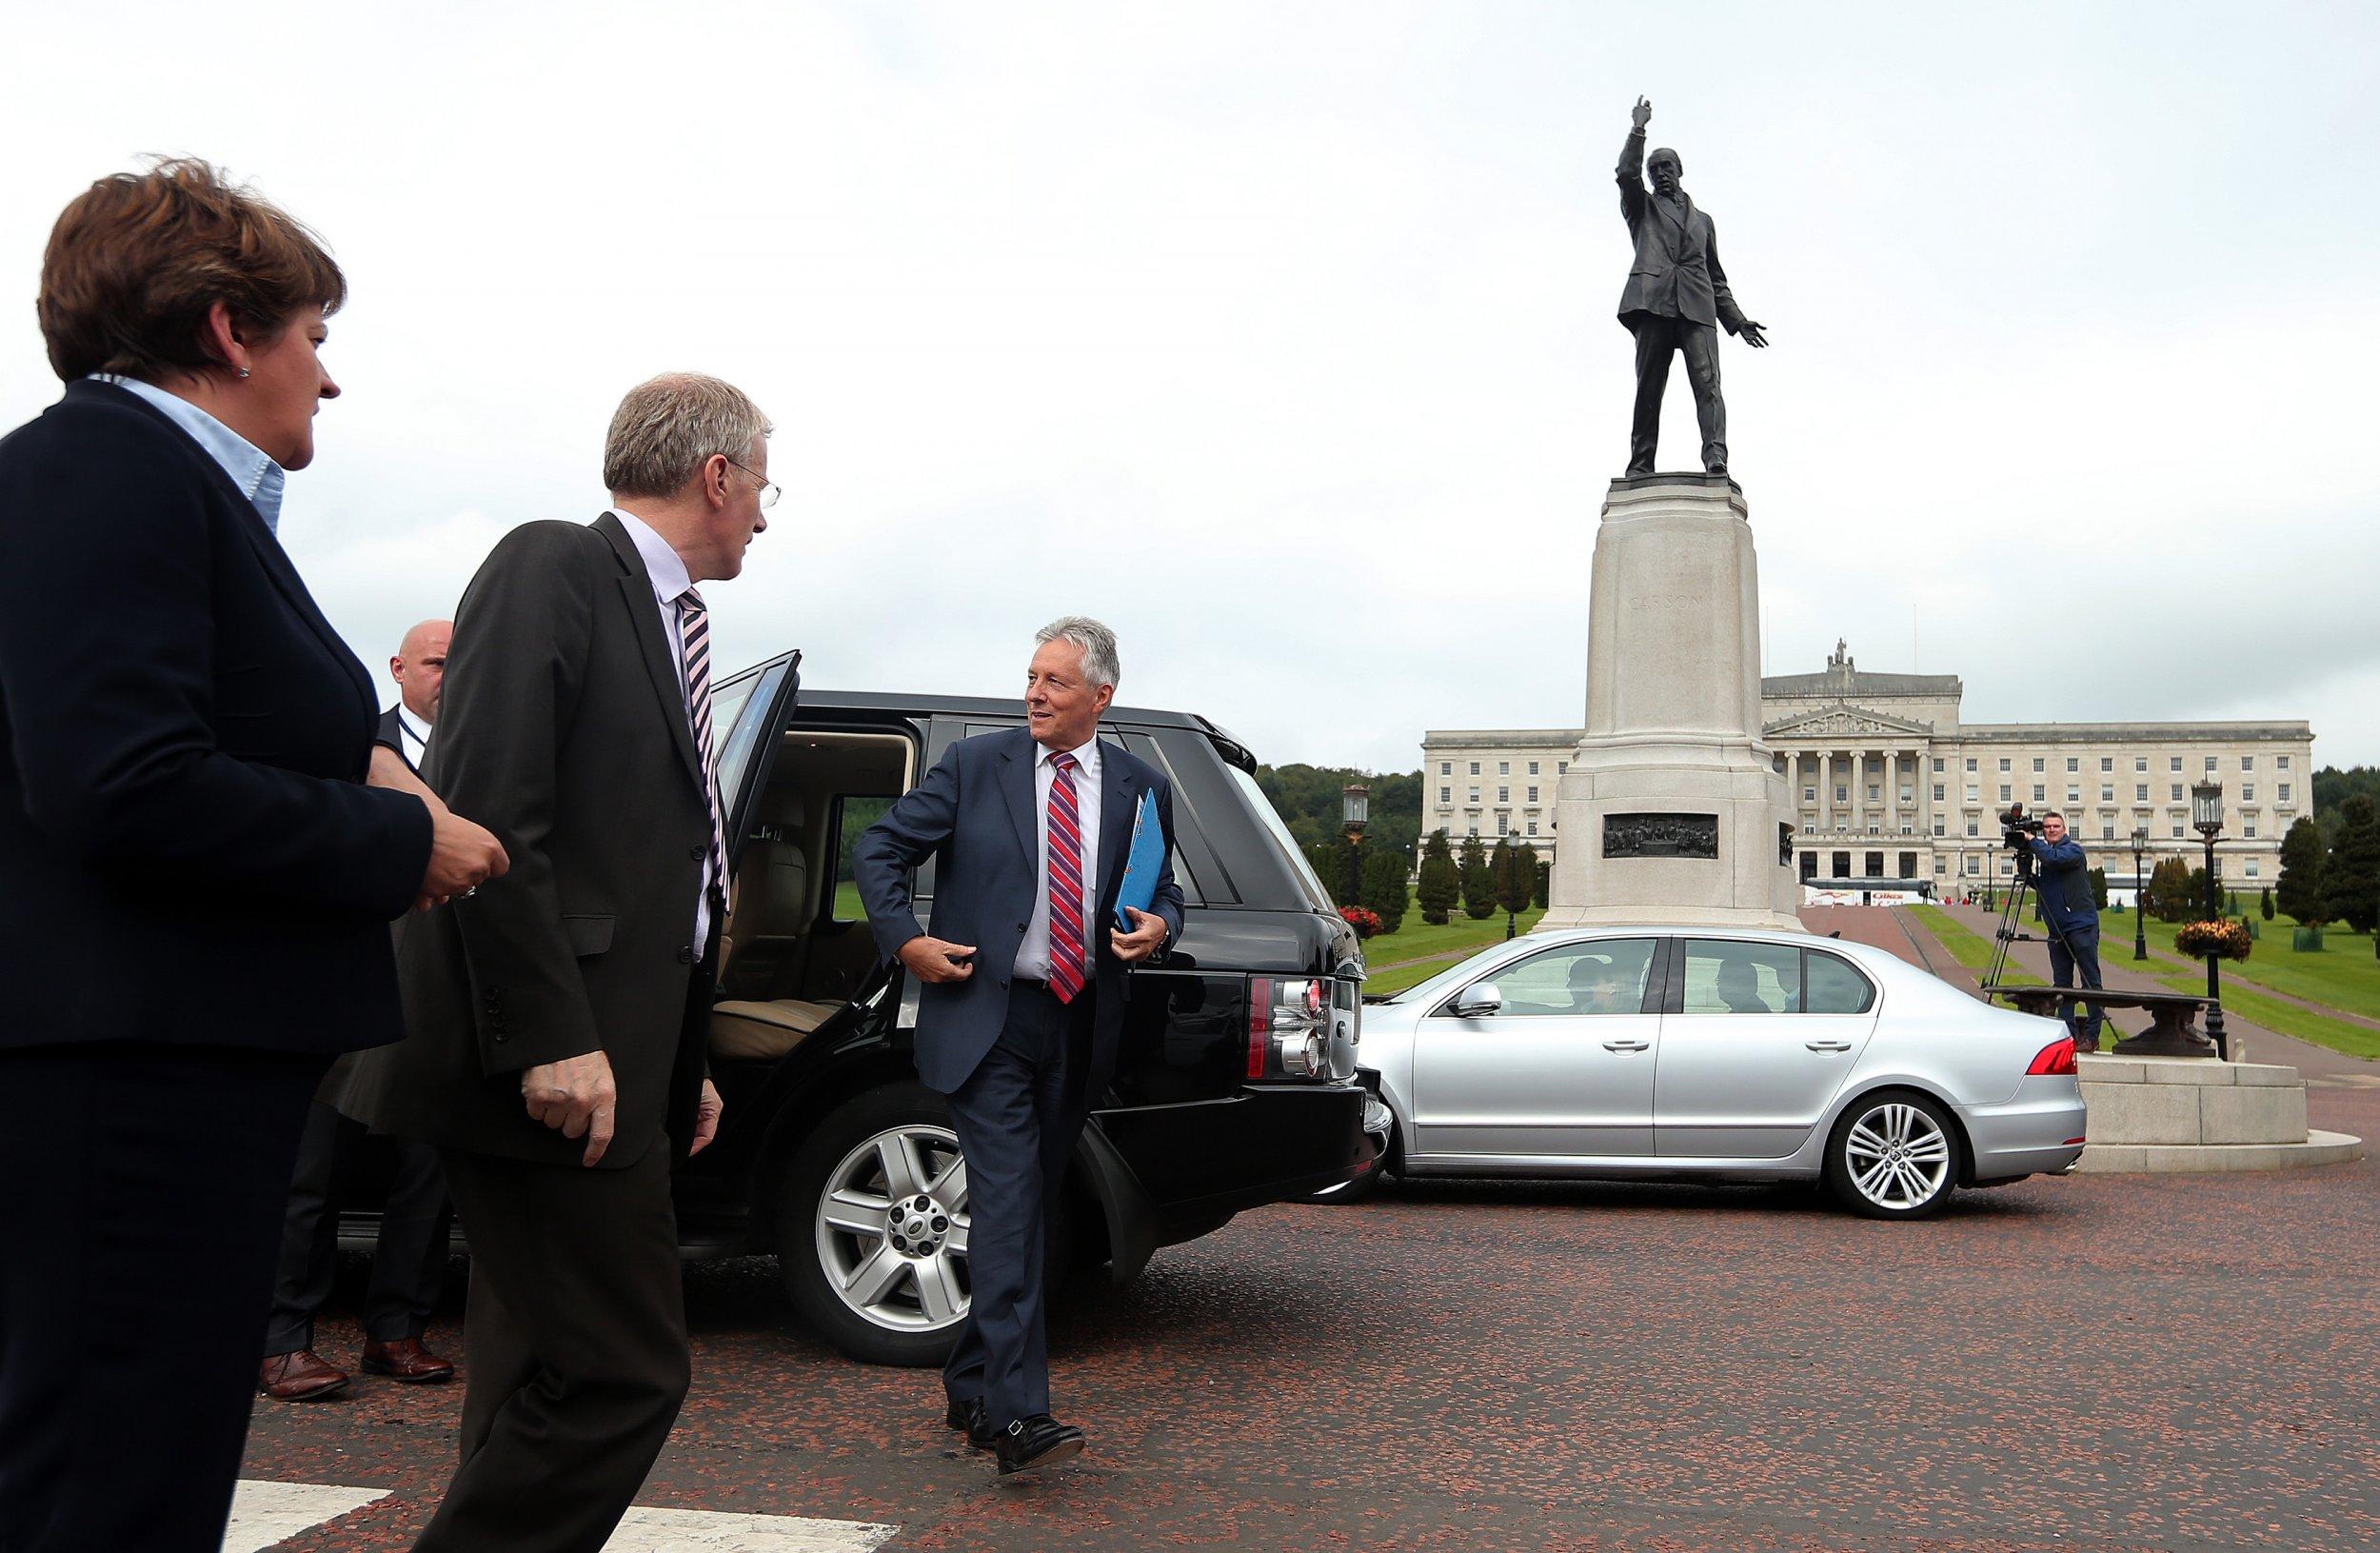 09_11_Northern Ireland IRA Sinn Fein